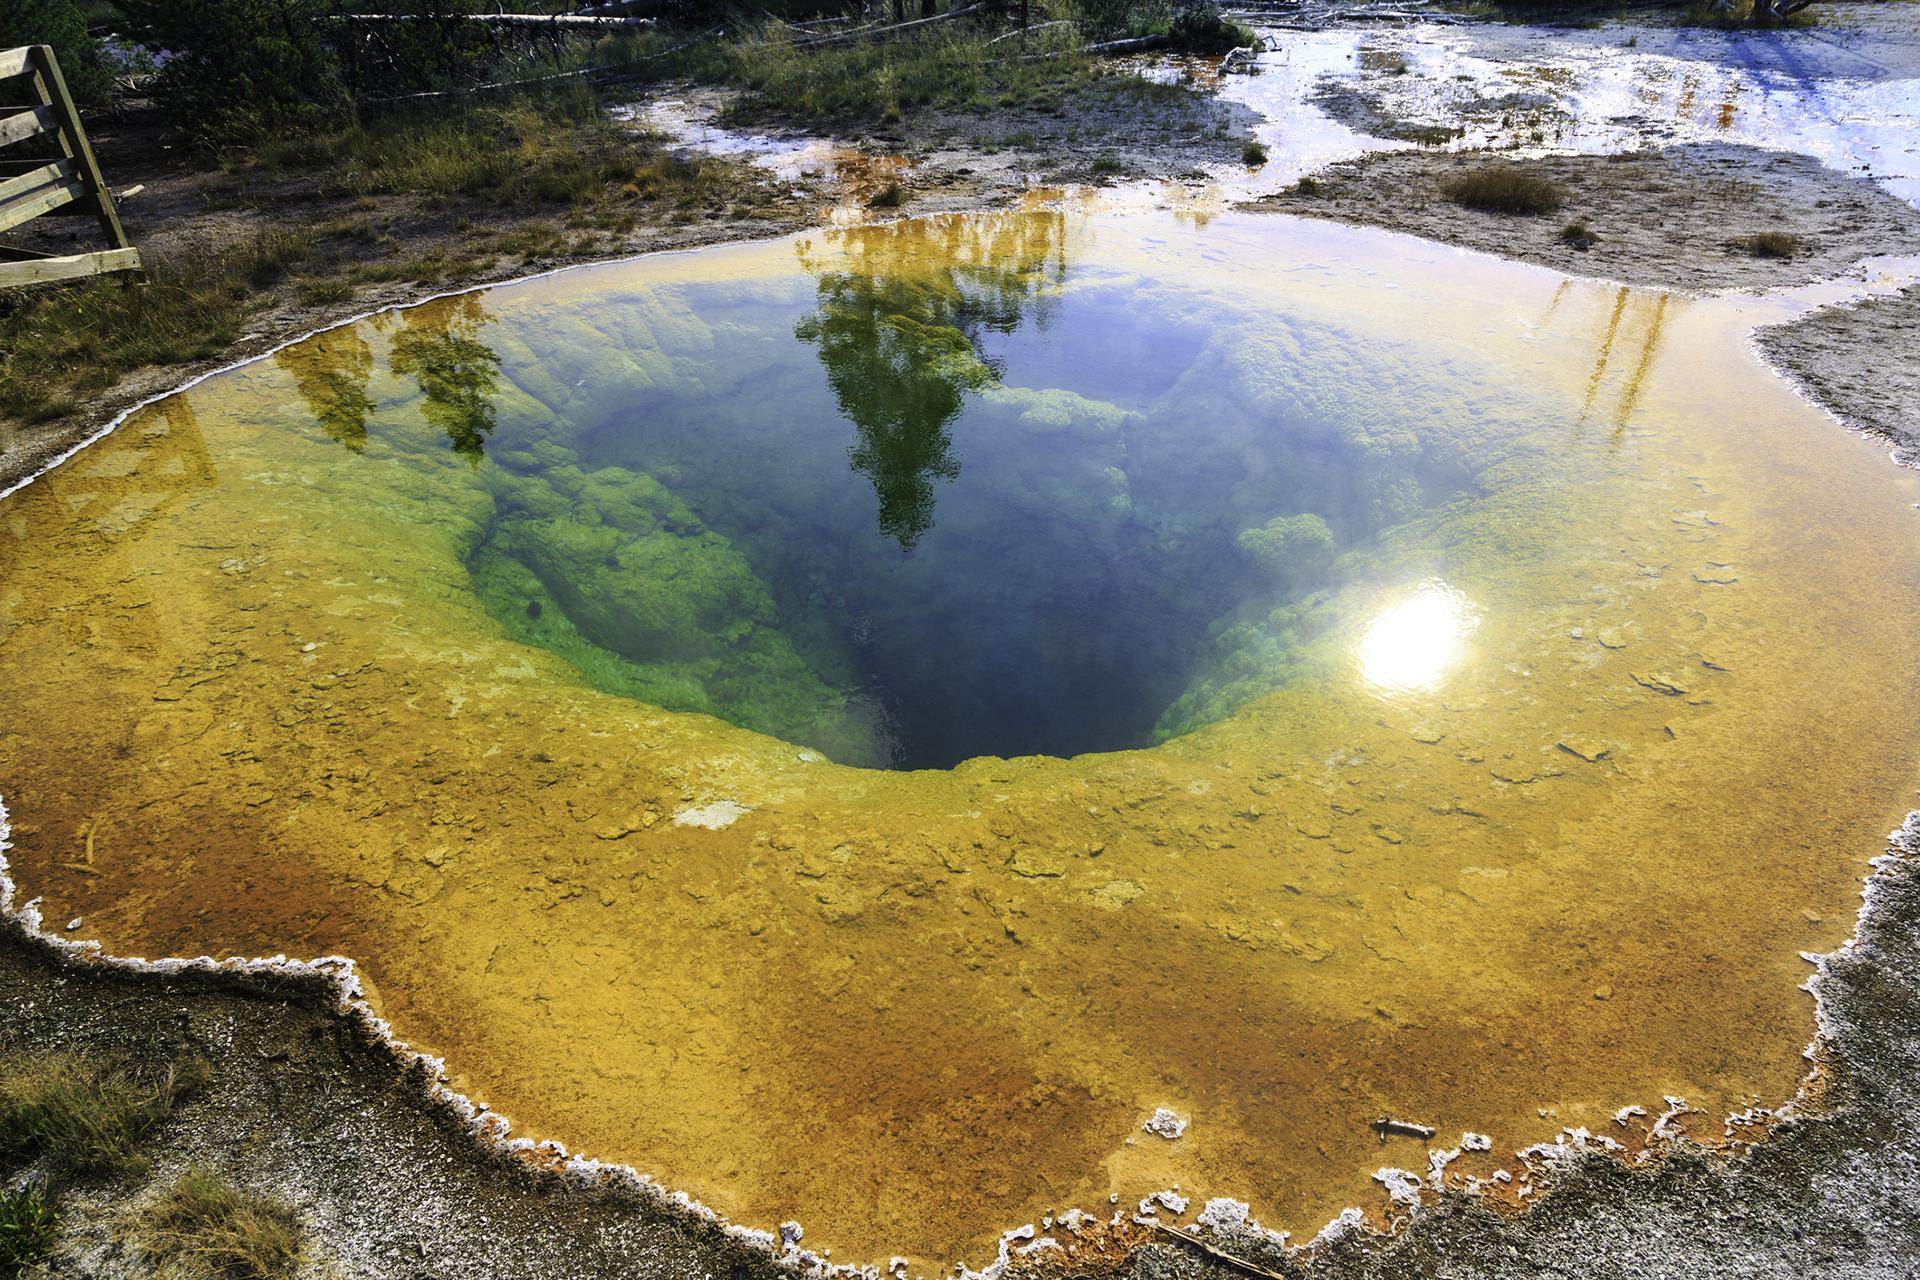 Yellowstone cuenta con instalaciones para visitantes en varias áreas, además de los varios museos que alberga, con exposiciones que abarcan una gran gama de temas históricos, tanto culturales como naturales